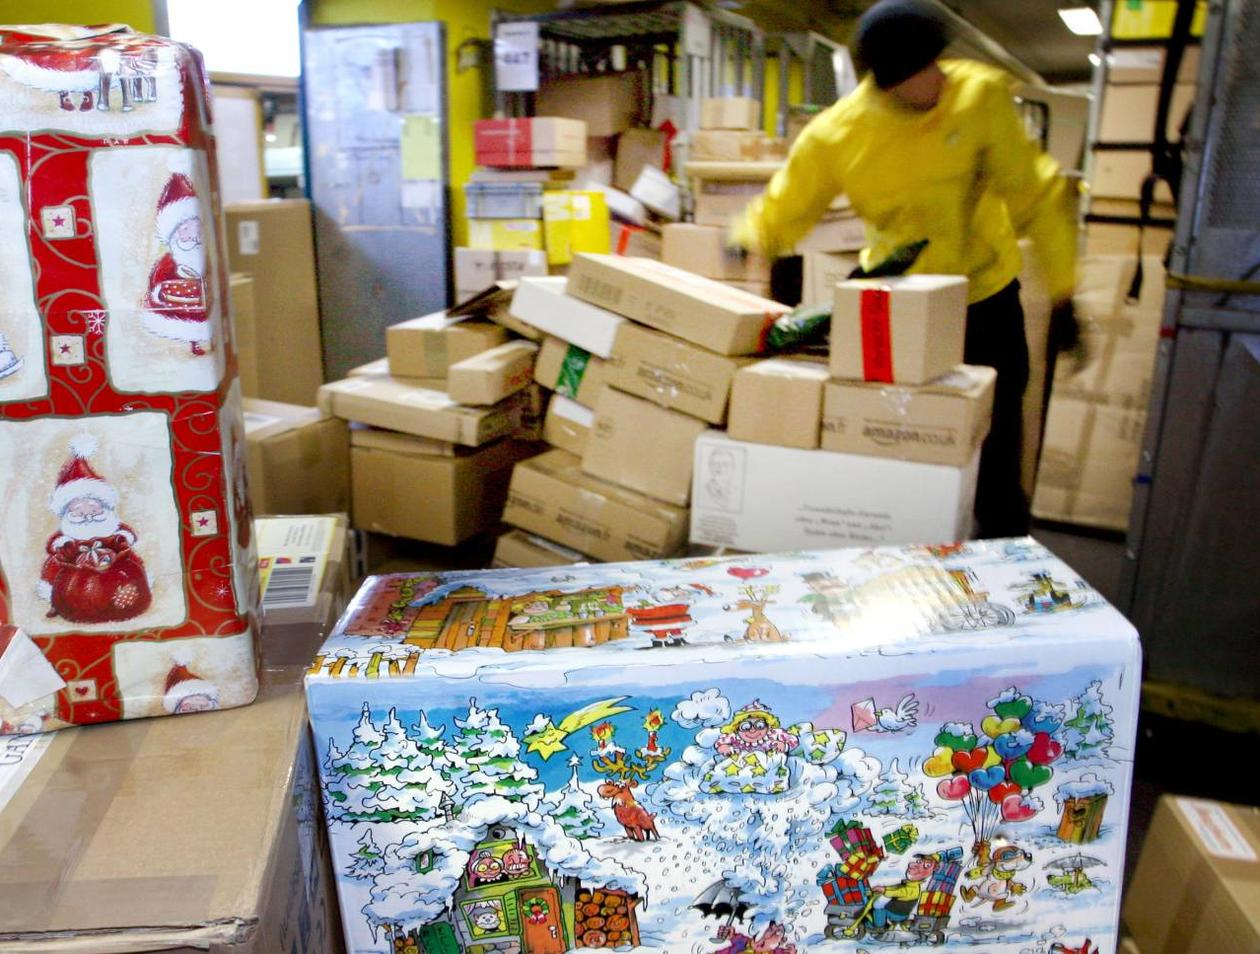 Paketzustellung Weihnachten 2019.Die Dhl Hat Nach Berichten Von Mitarbeitern Tausende Pakete Nicht